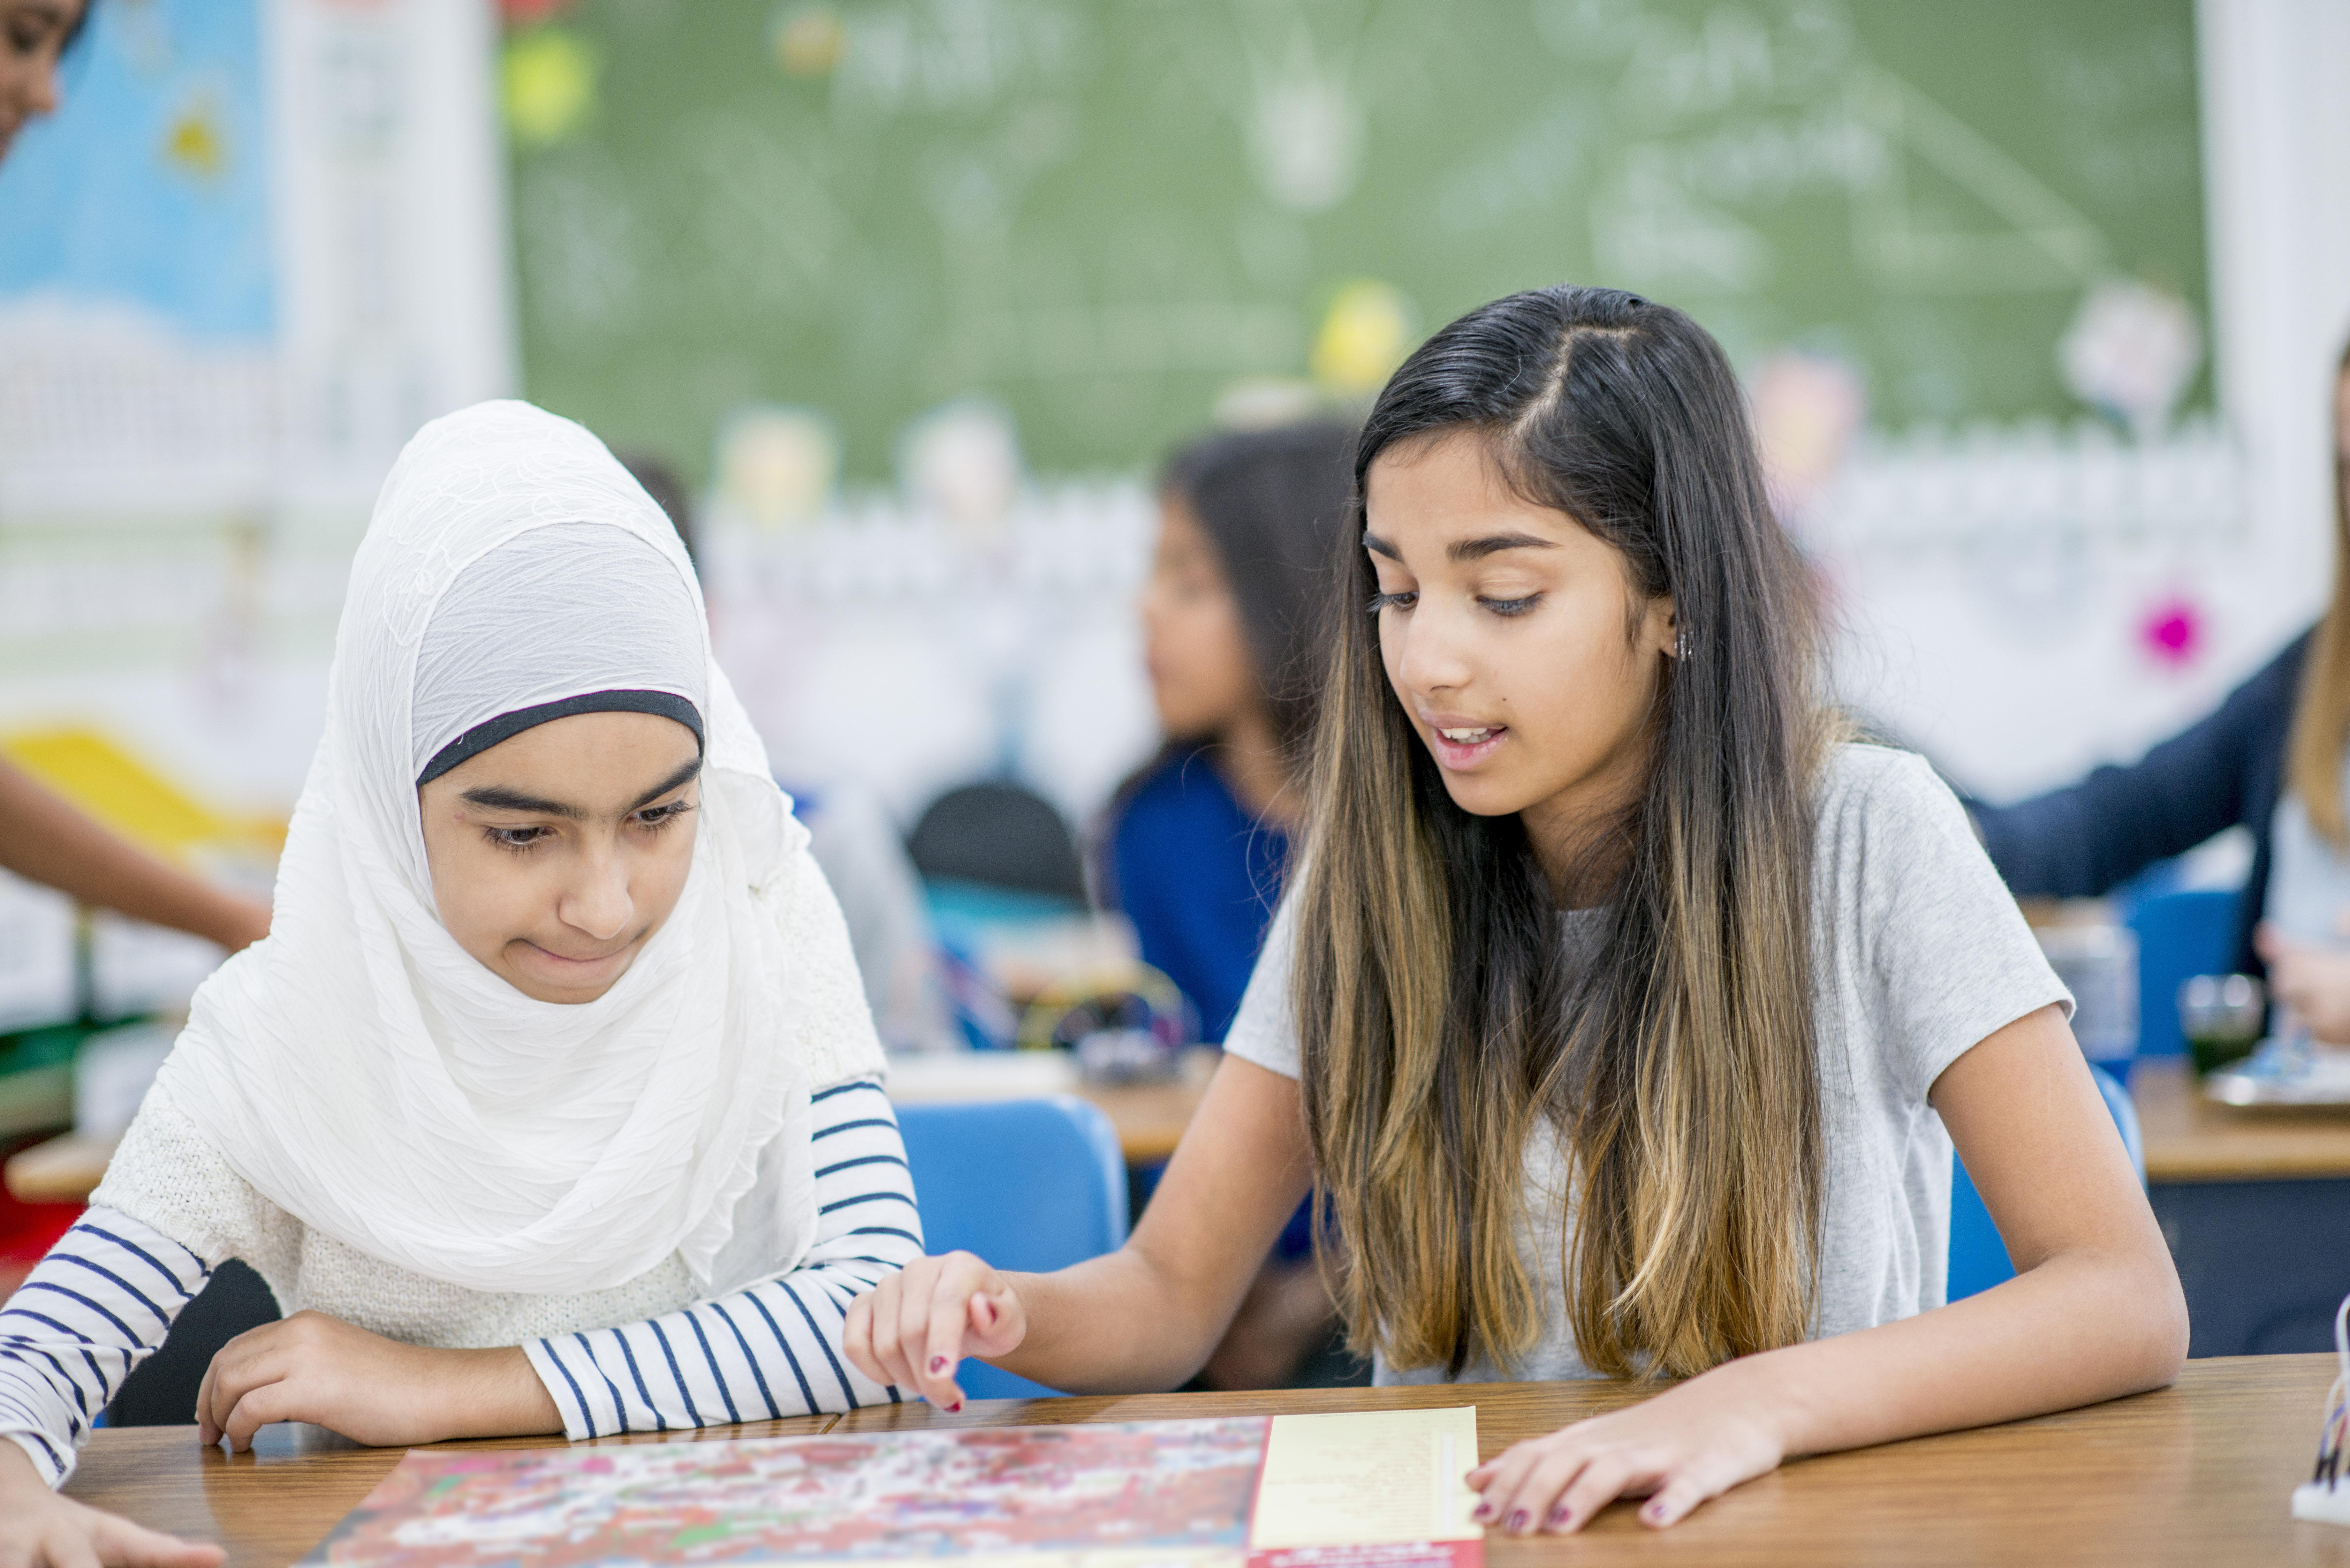 Migranten klagen über Rassismus an Schulen: Drei Lehrer berichten, wie es wirklich